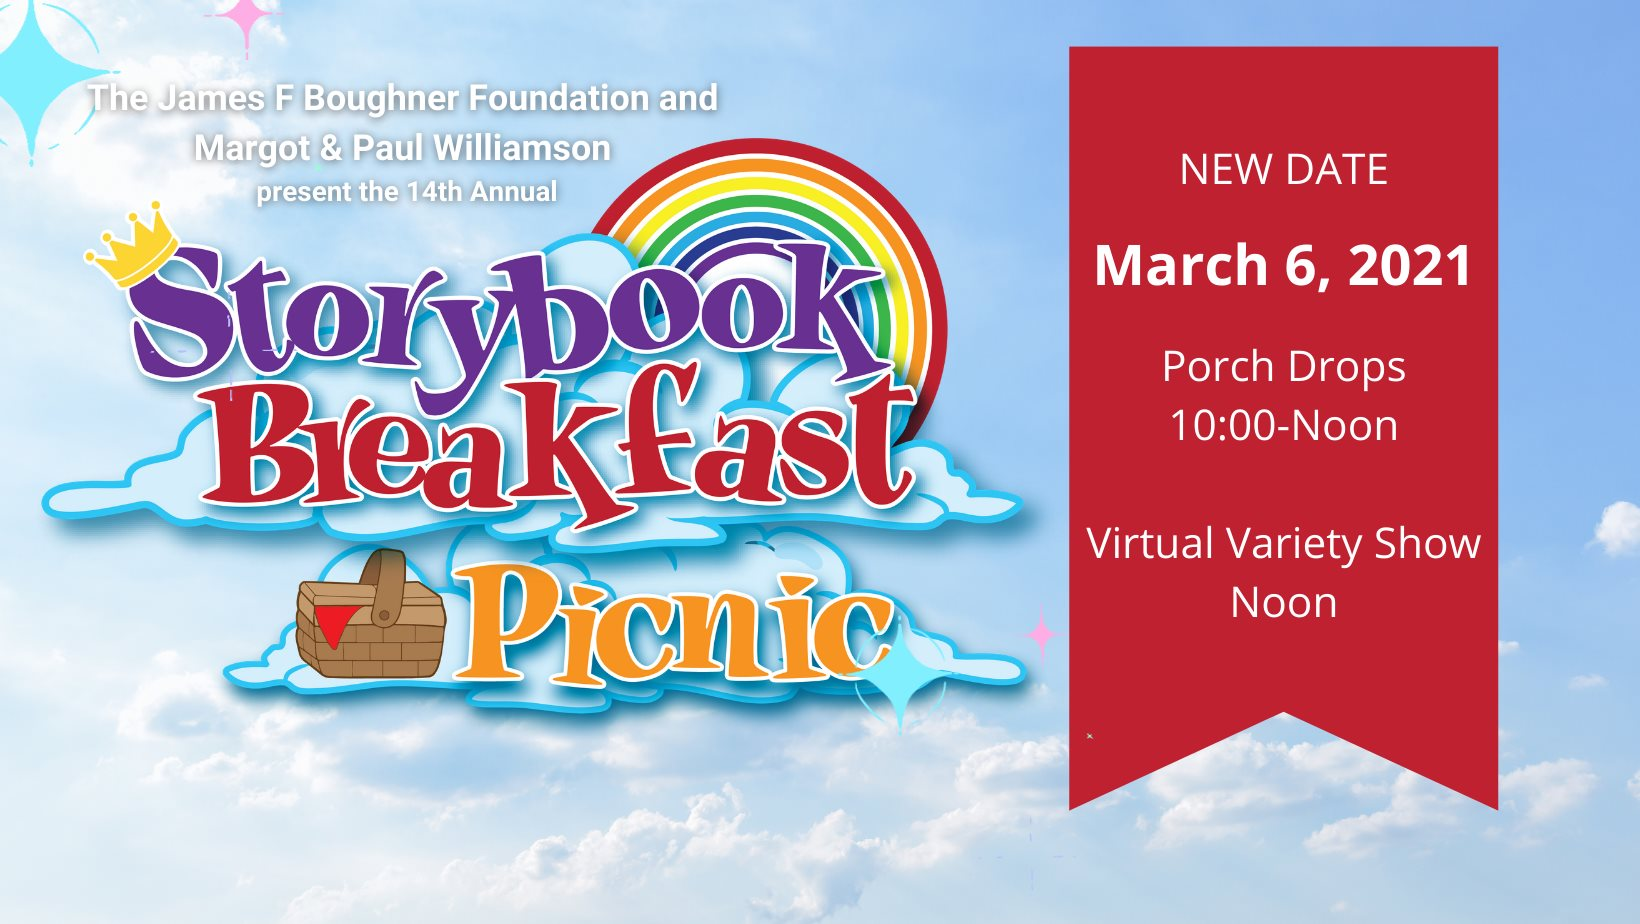 Storybook Breakfast 2021